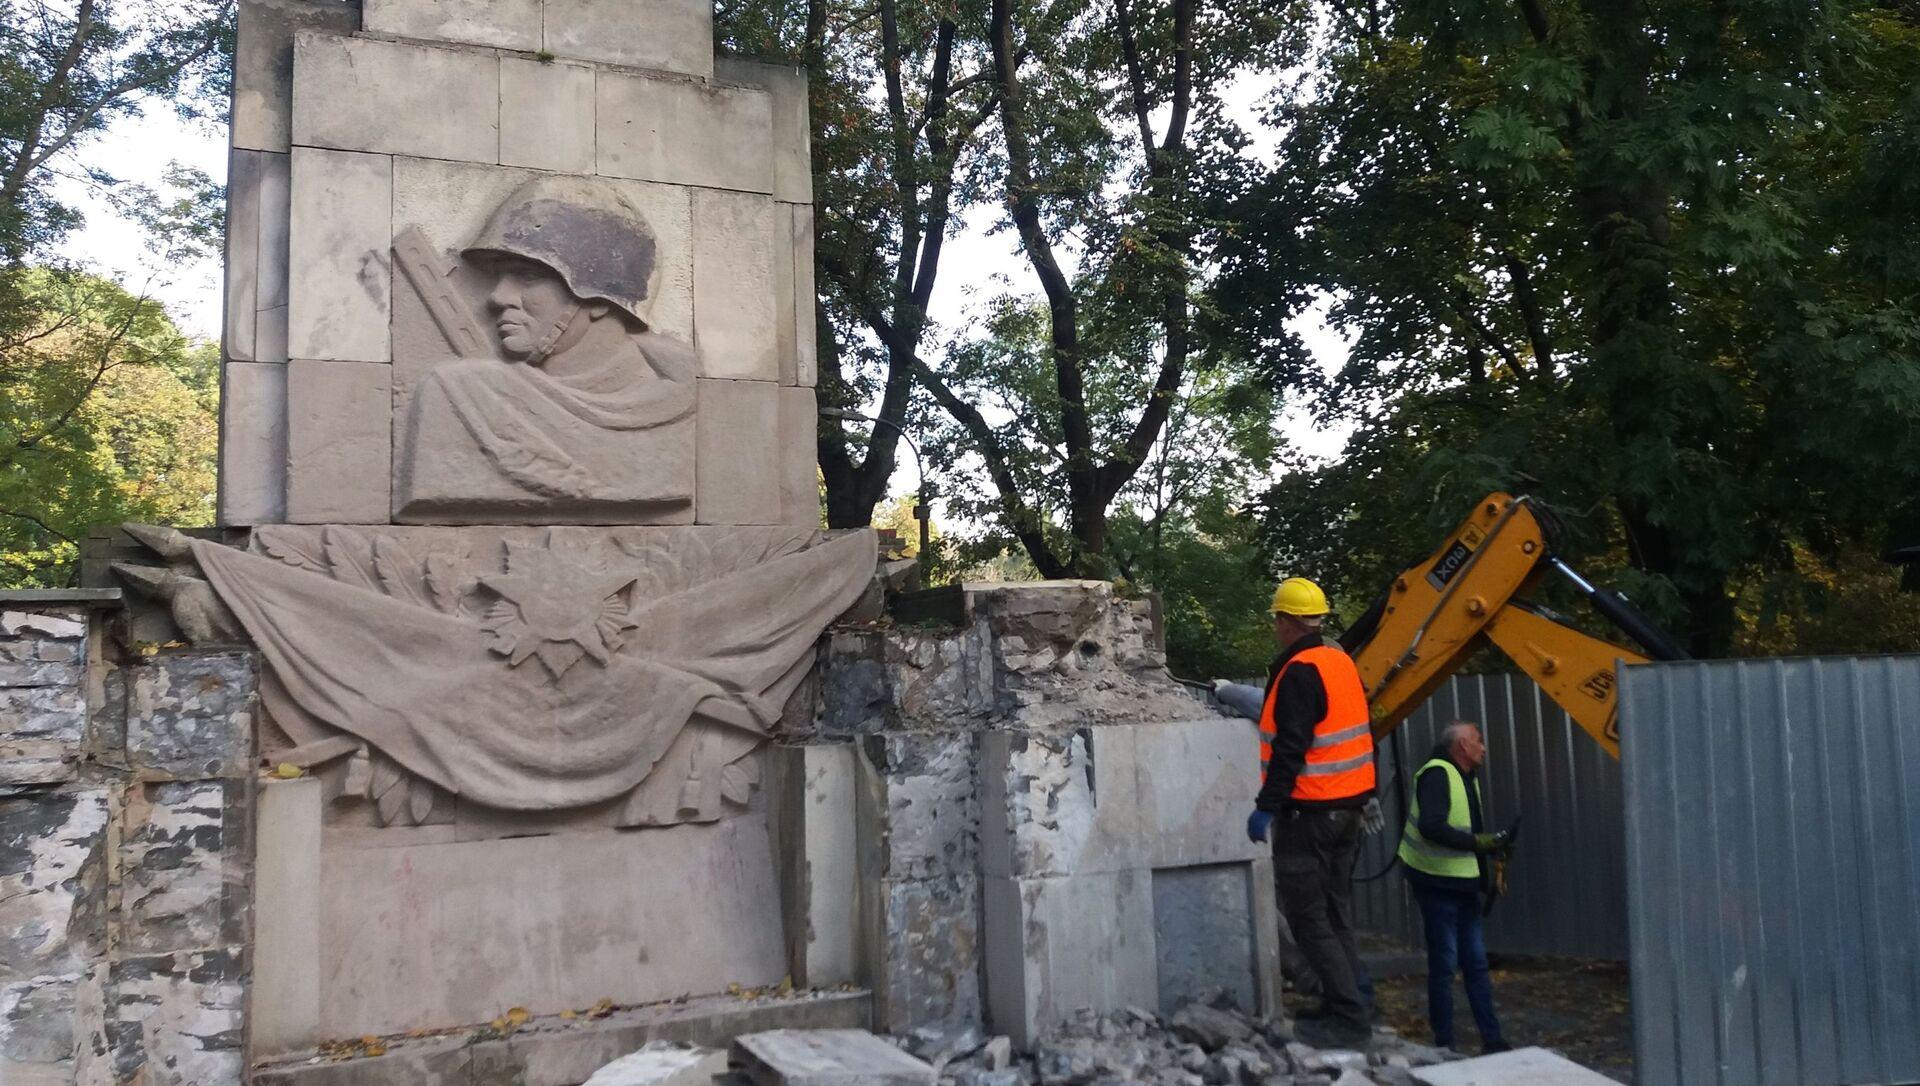 Demontaż Pomnika Wdzięczności Żołnierzom Armii Radzieckiej w parku Skaryszewskiego w Warszawie - Sputnik Polska, 1920, 04.03.2021